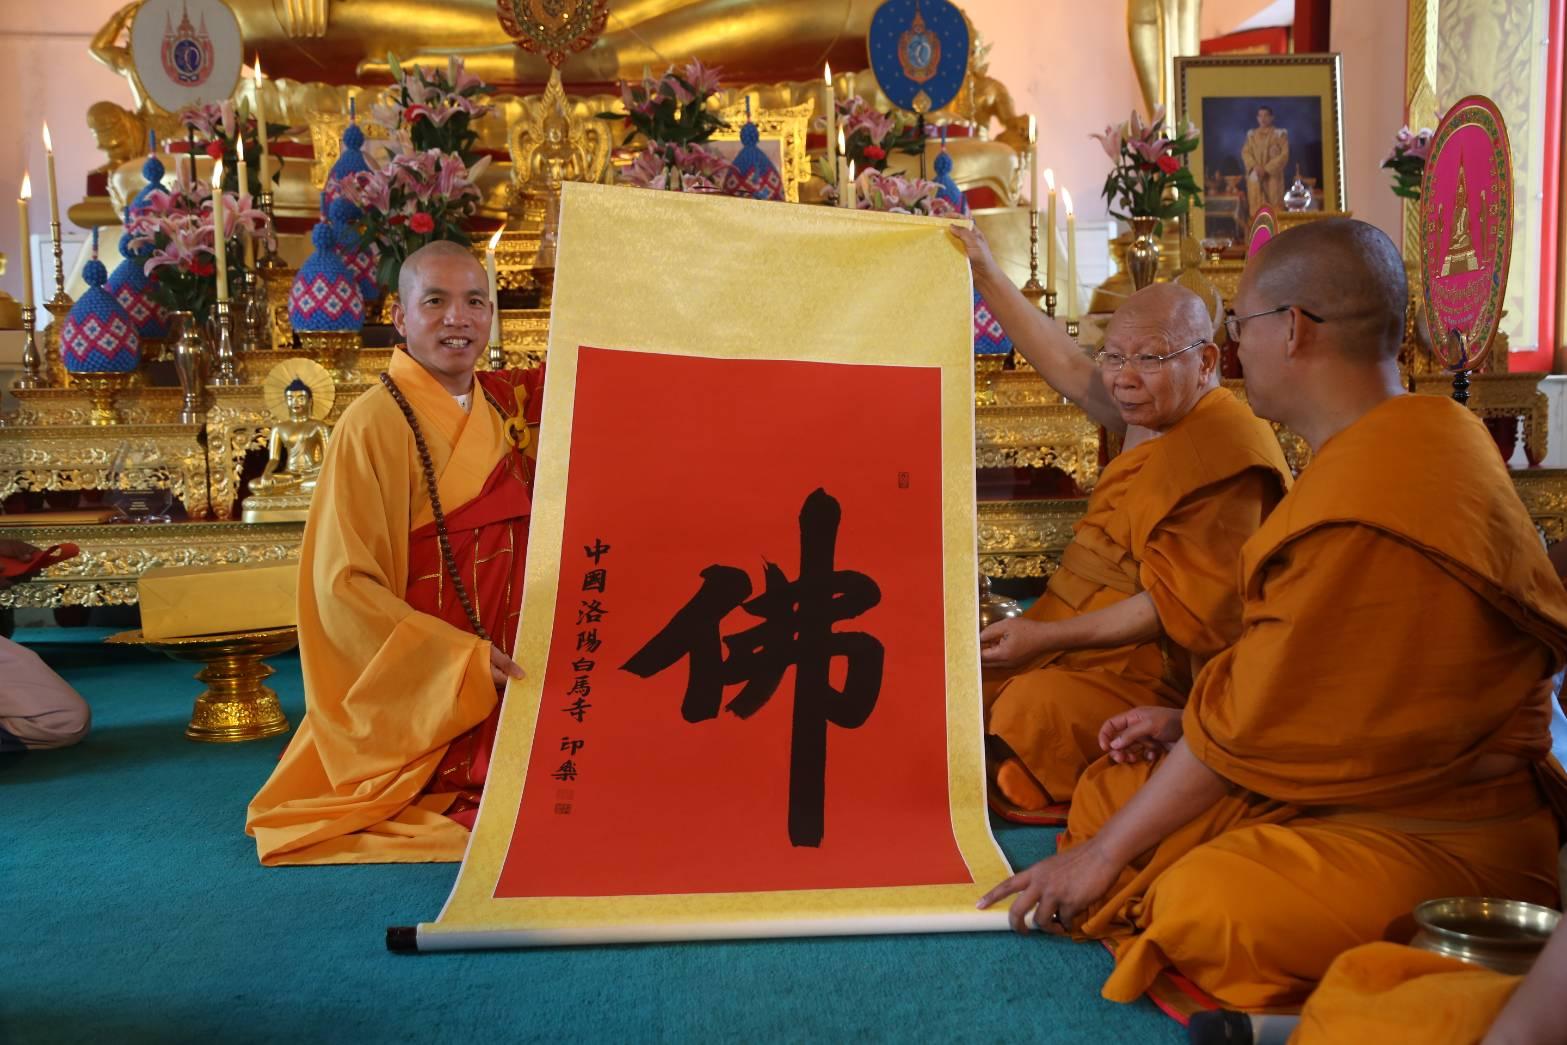 610924-27 พระพรหมวชิรญาณประธานพิธีสมโภชวัดเหมอัศวาราม จีน 5